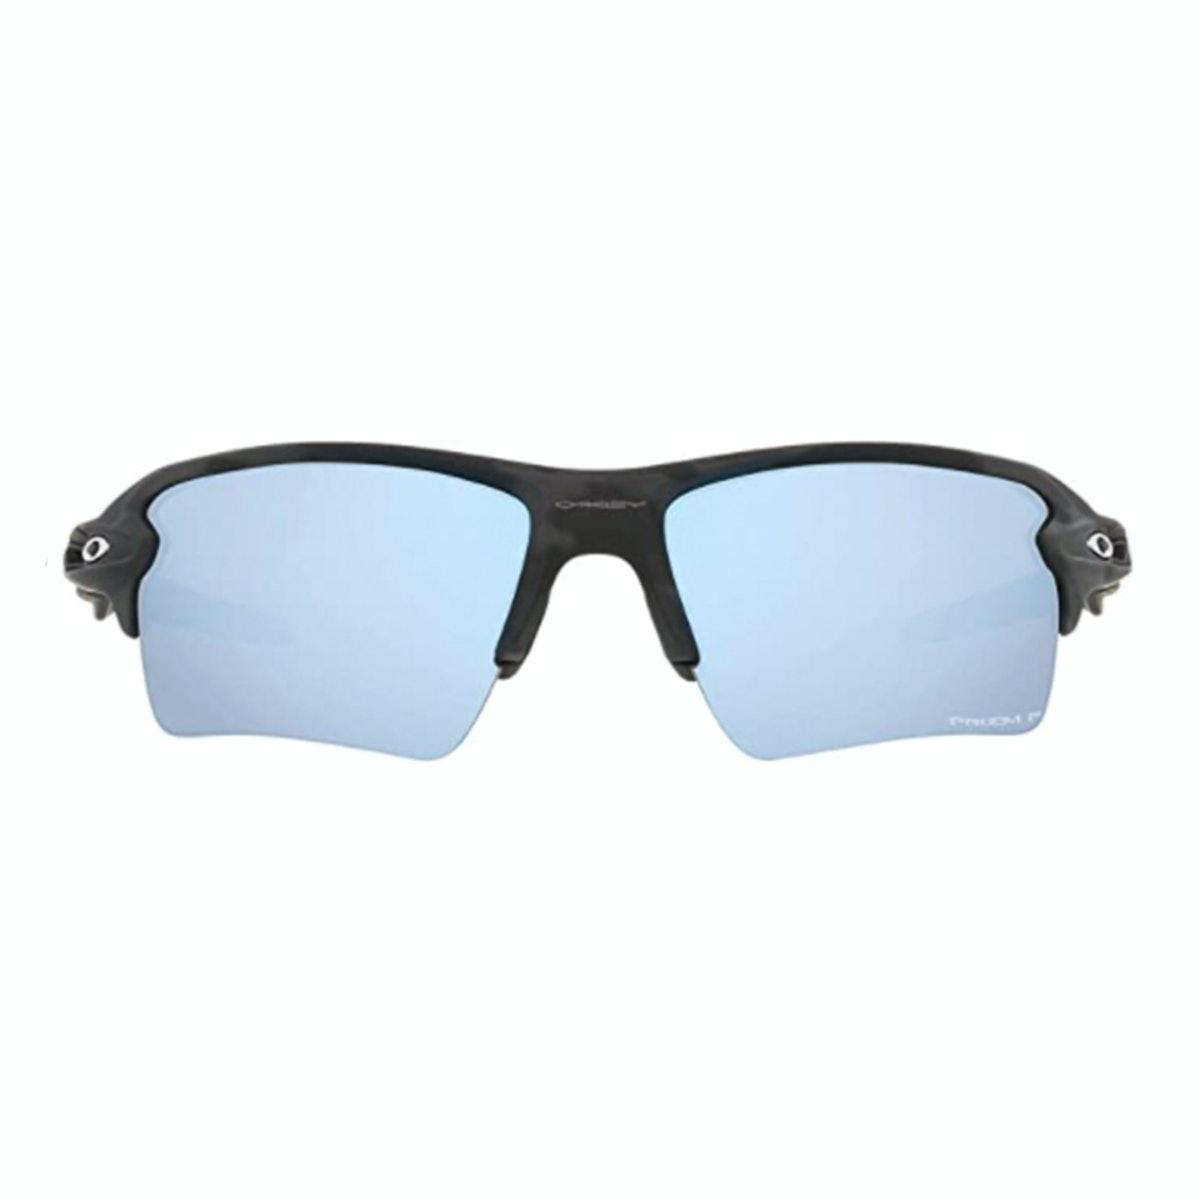 Men's Oo9188 Flak 2.0 XL Rectangular Sunglasses Oakley